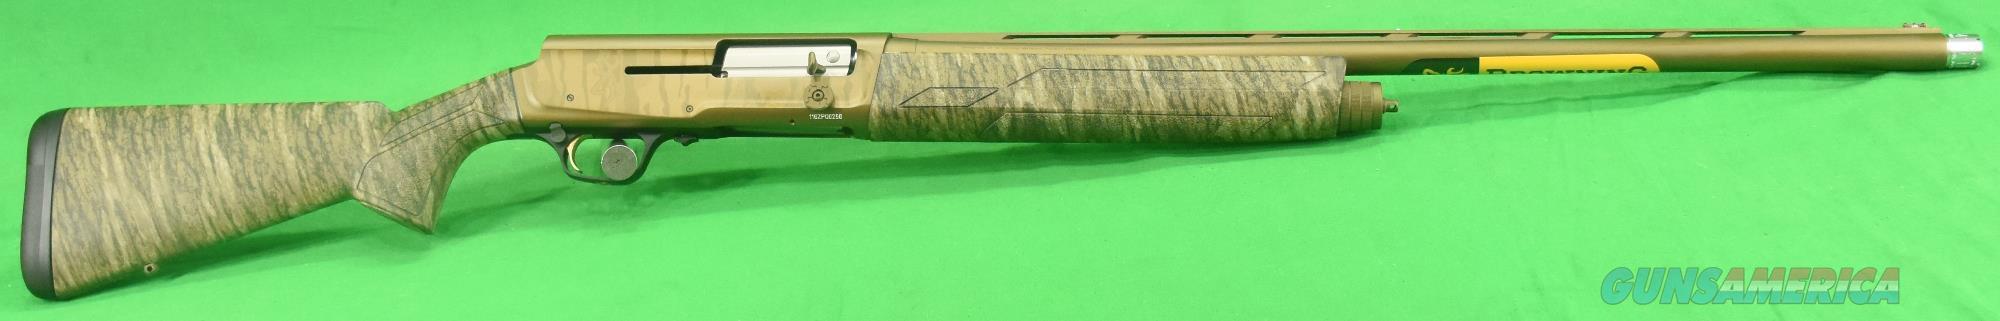 0118472005 Browning A5 Wicked Wing Bottomland 12 Ga 26-3.5In  Guns > Shotguns > Browning Shotguns > Autoloaders > Hunting